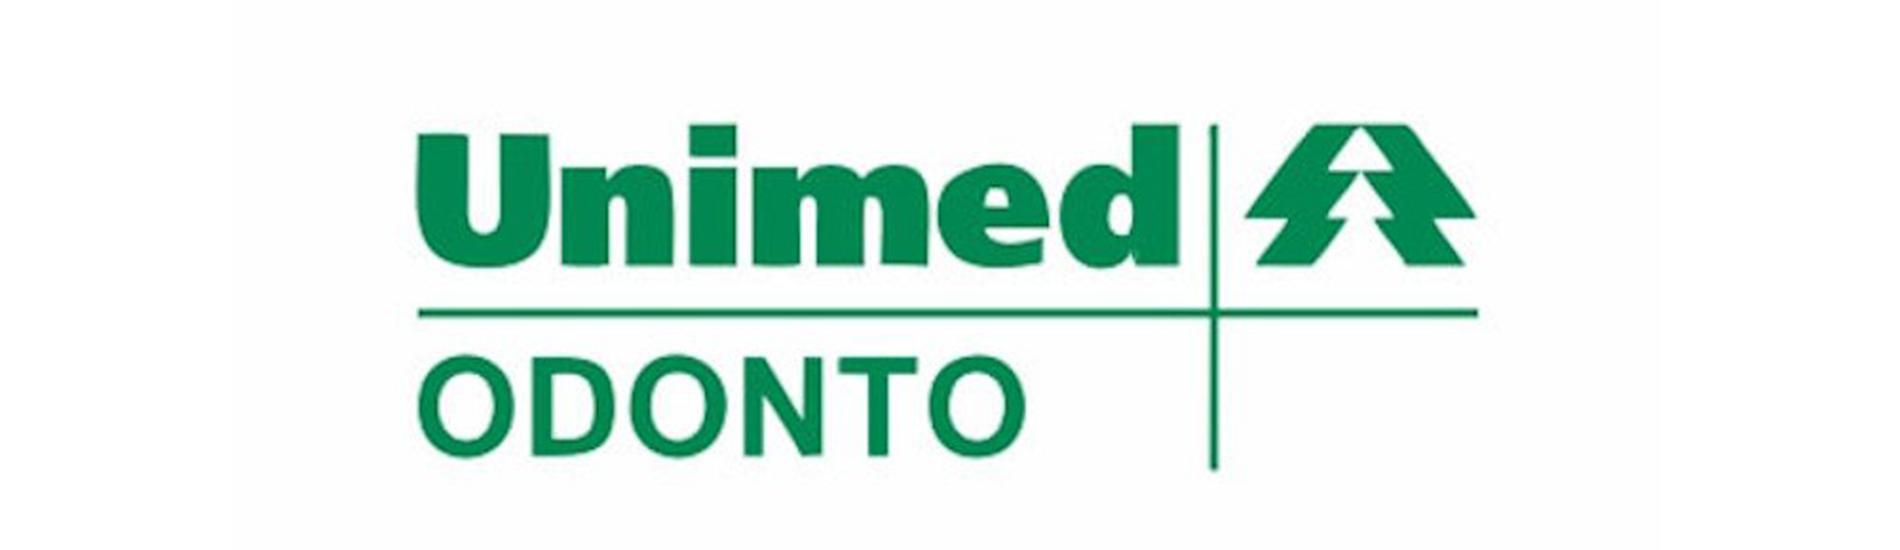 Unimed Odonto – adesão com isenção de carências prorrogada para novembro